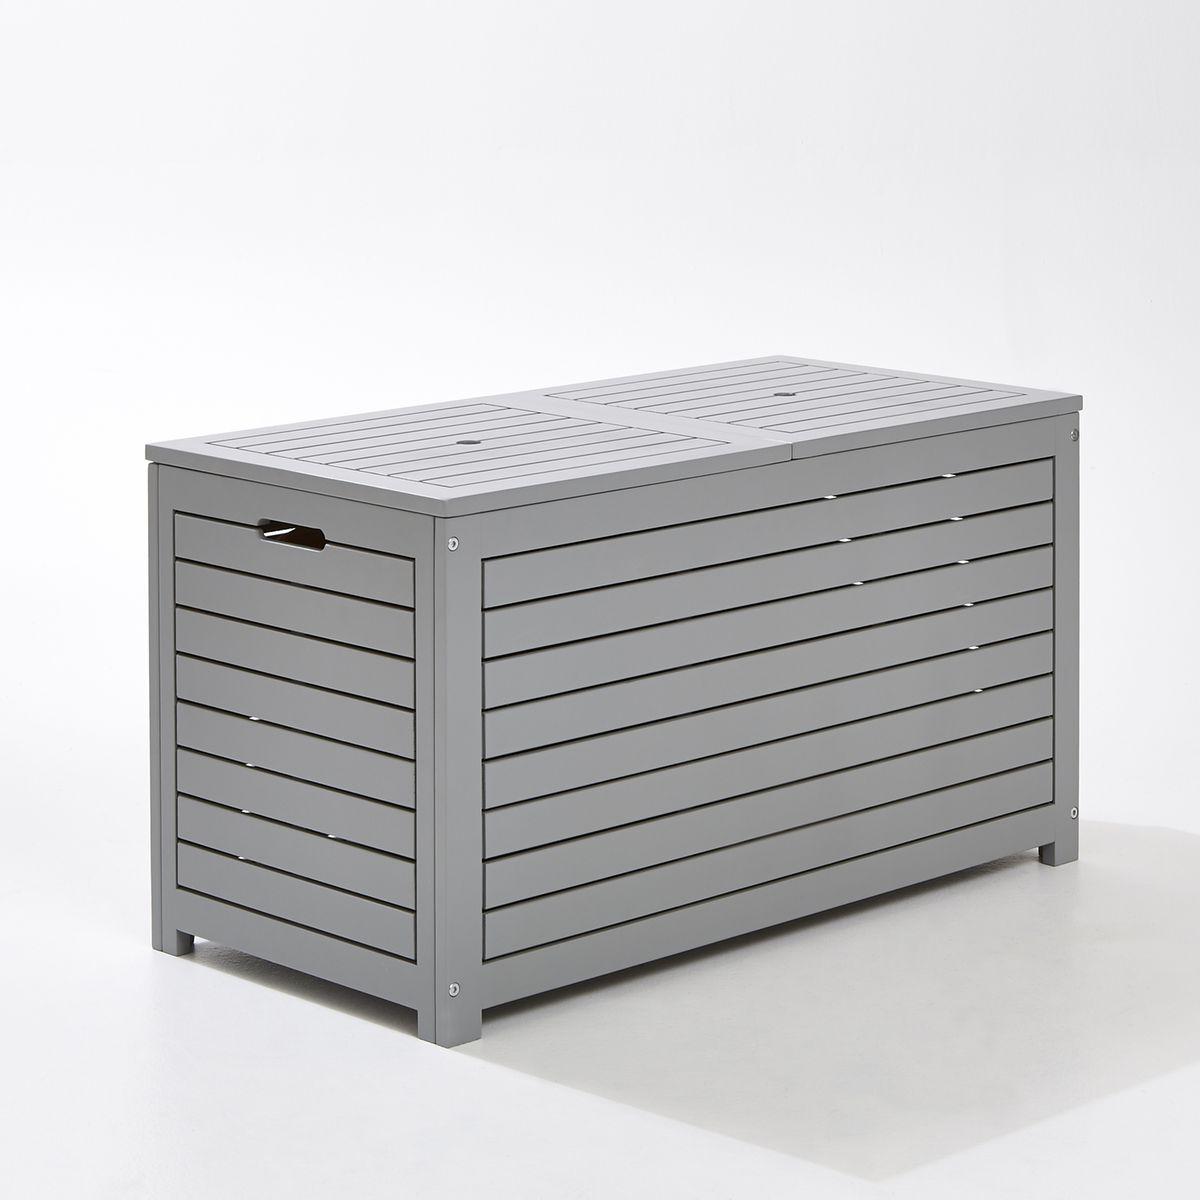 coffre de rangement topiwall. Black Bedroom Furniture Sets. Home Design Ideas